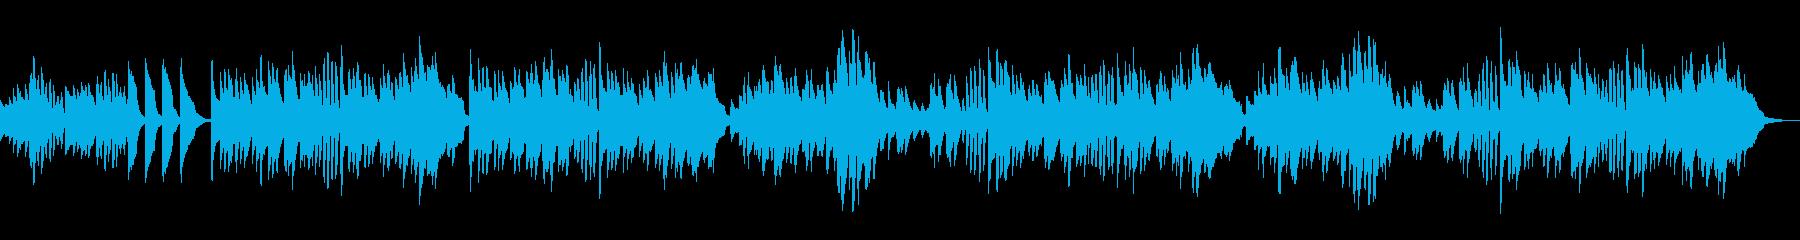 ピアノ練習曲/ブルグミュラー小さなつどいの再生済みの波形